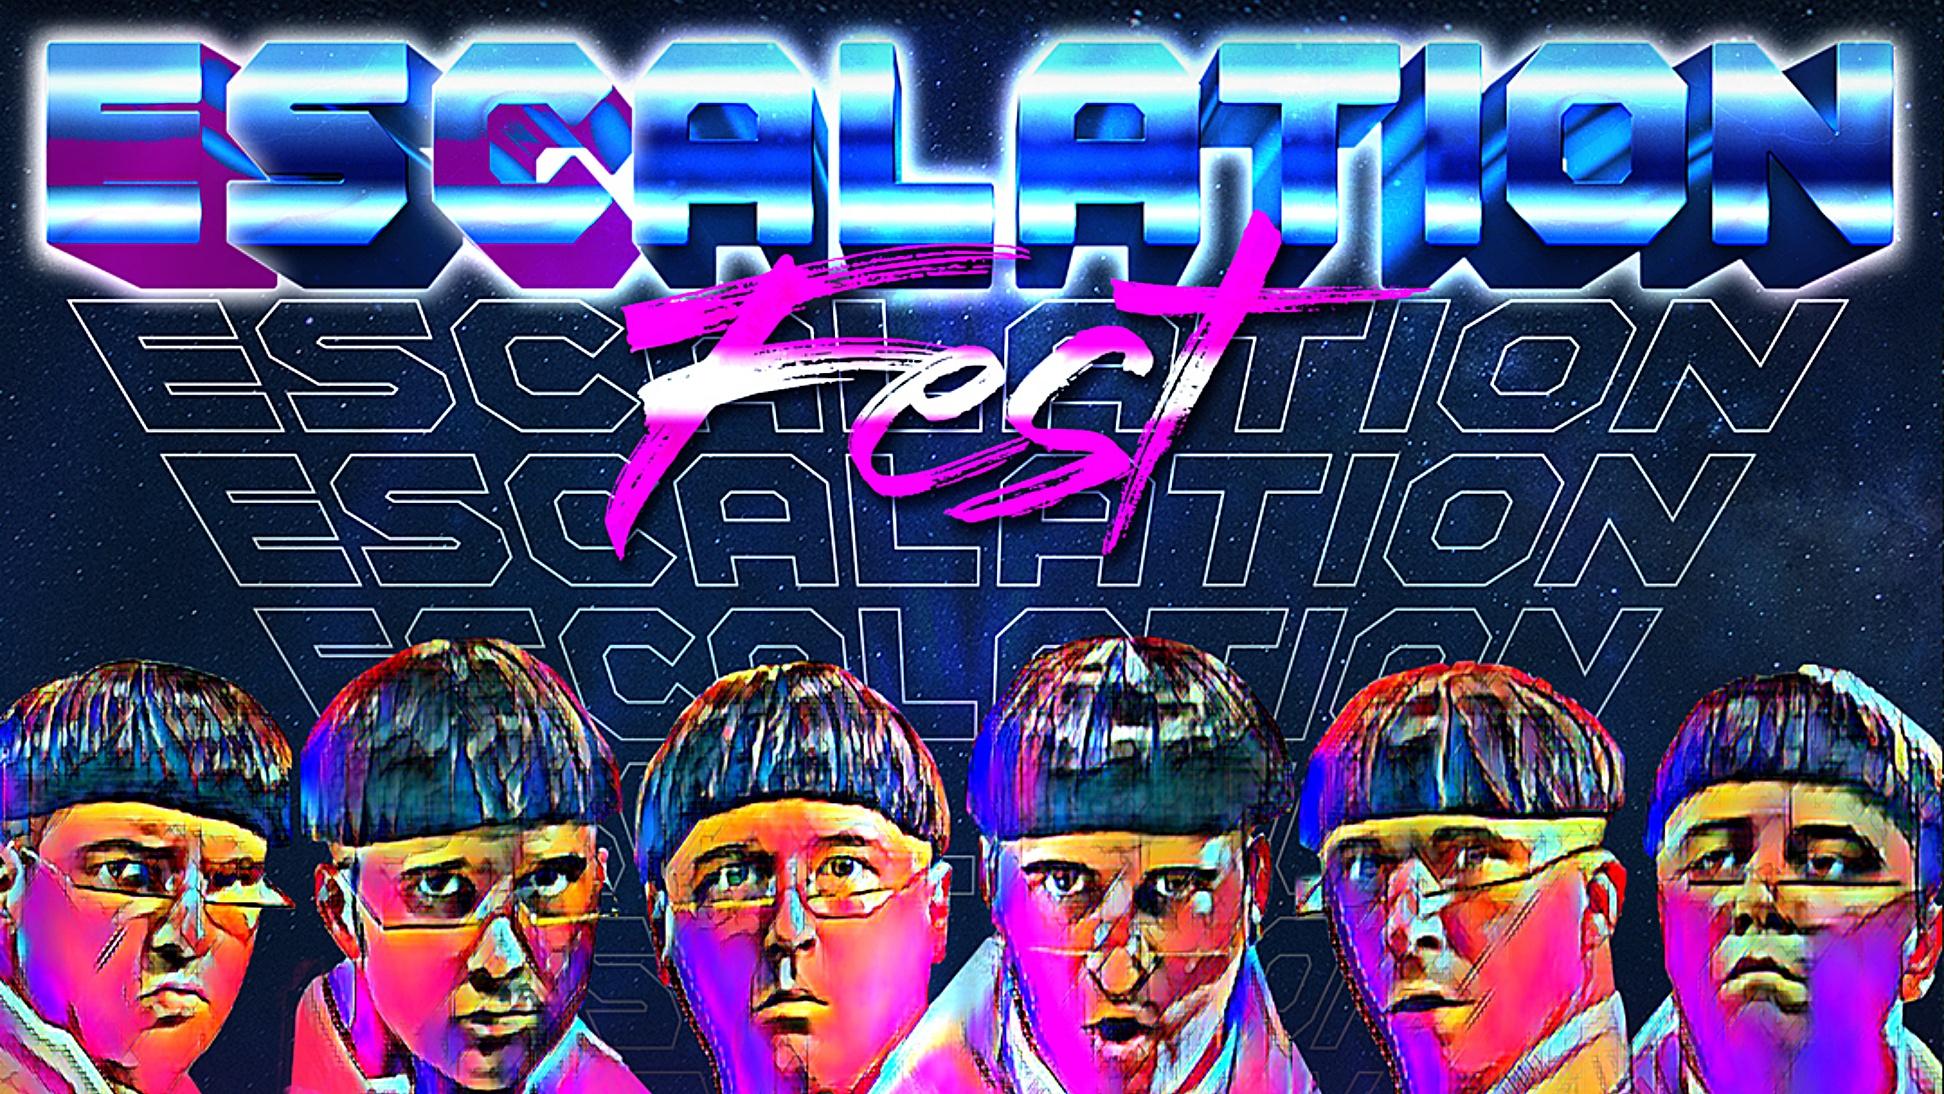 Eskimo Callboy Escalation Fest